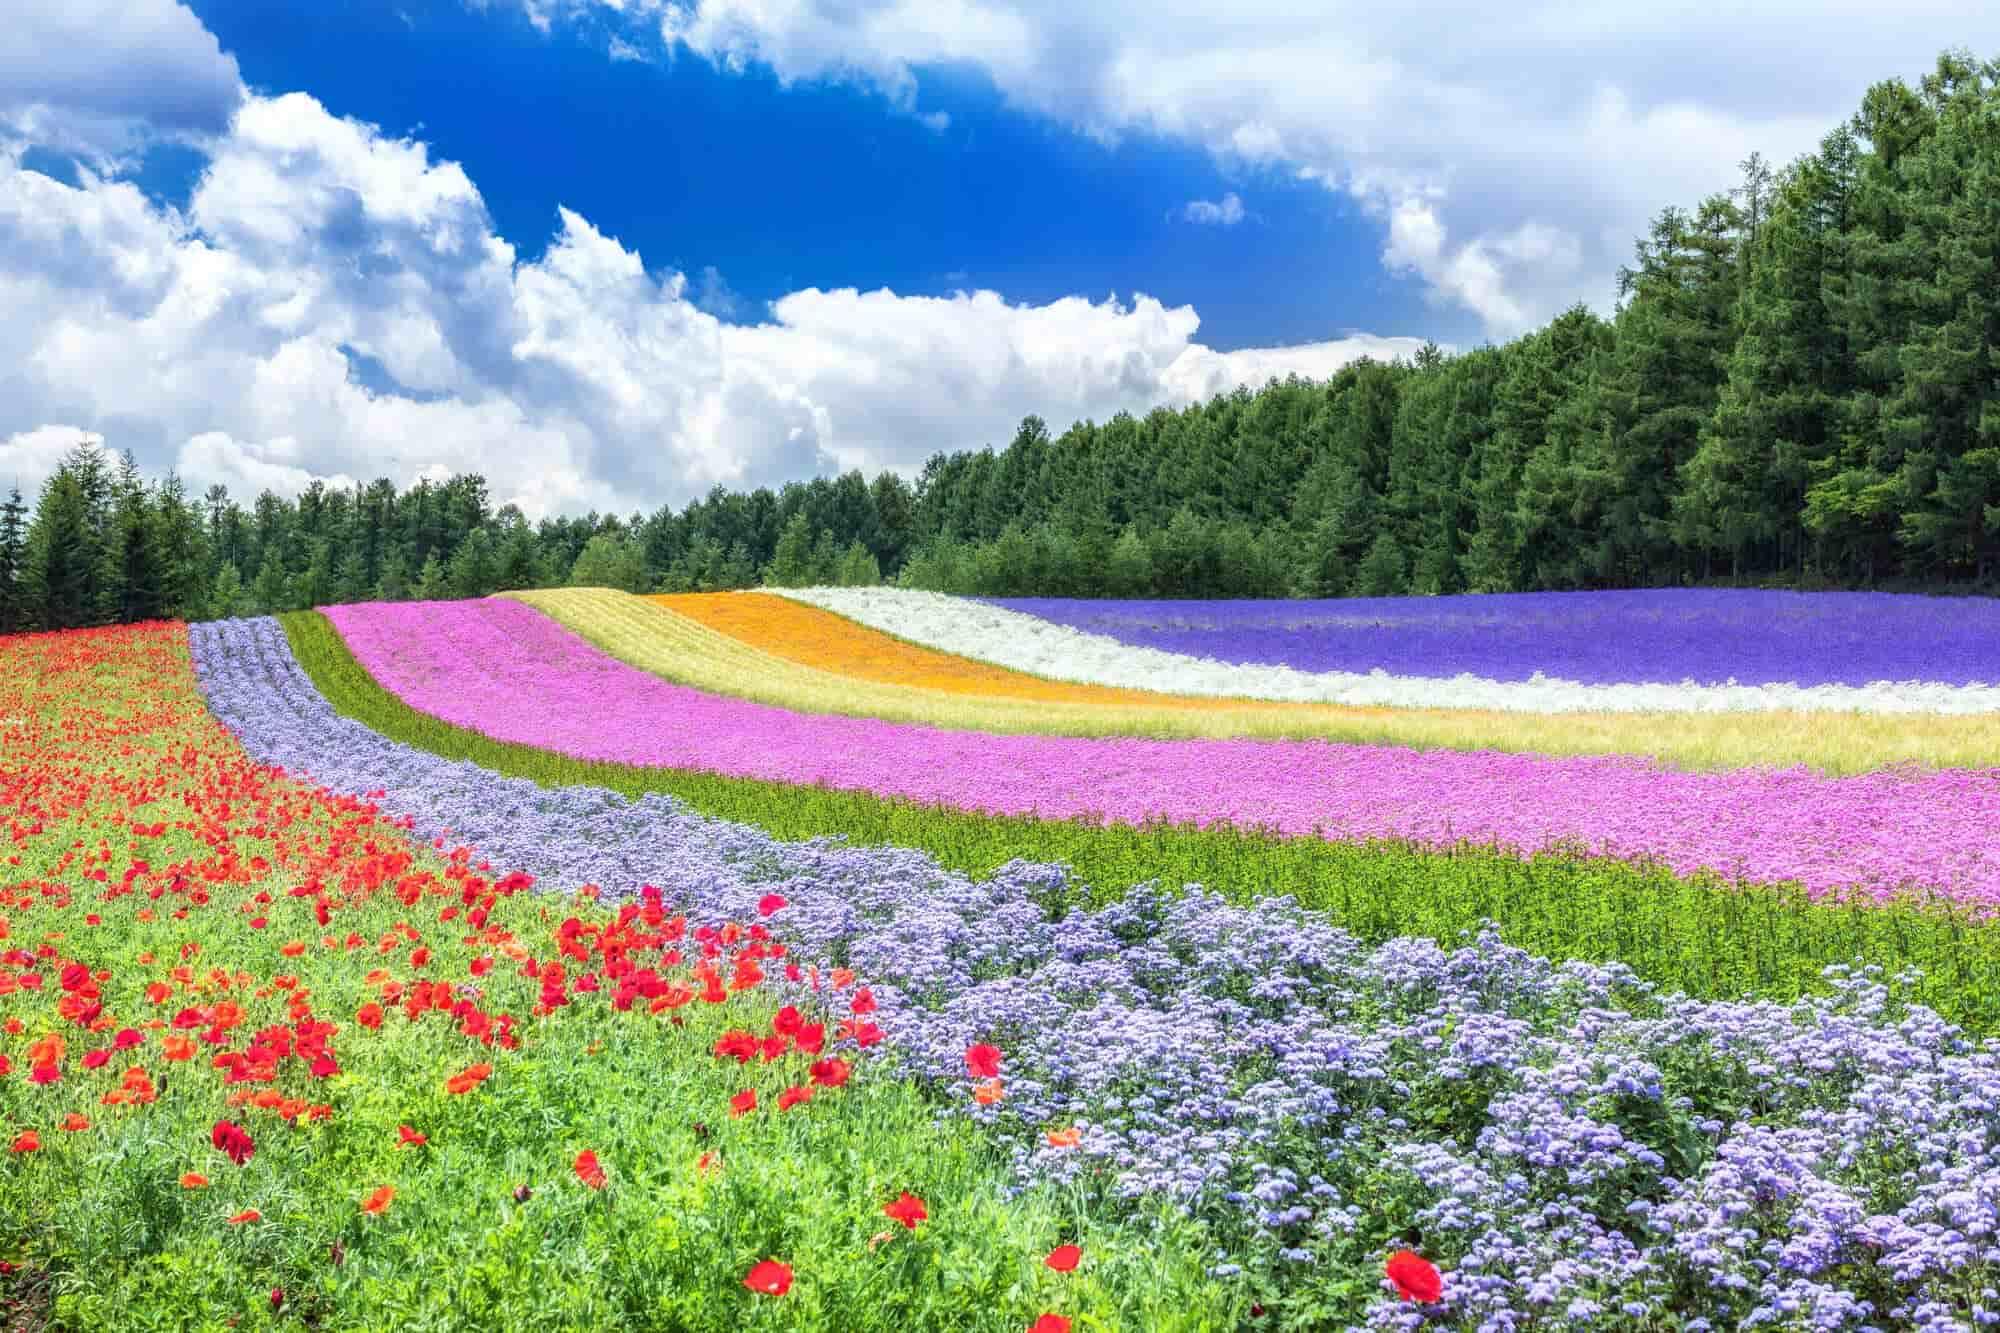 北海道富田农场的花田